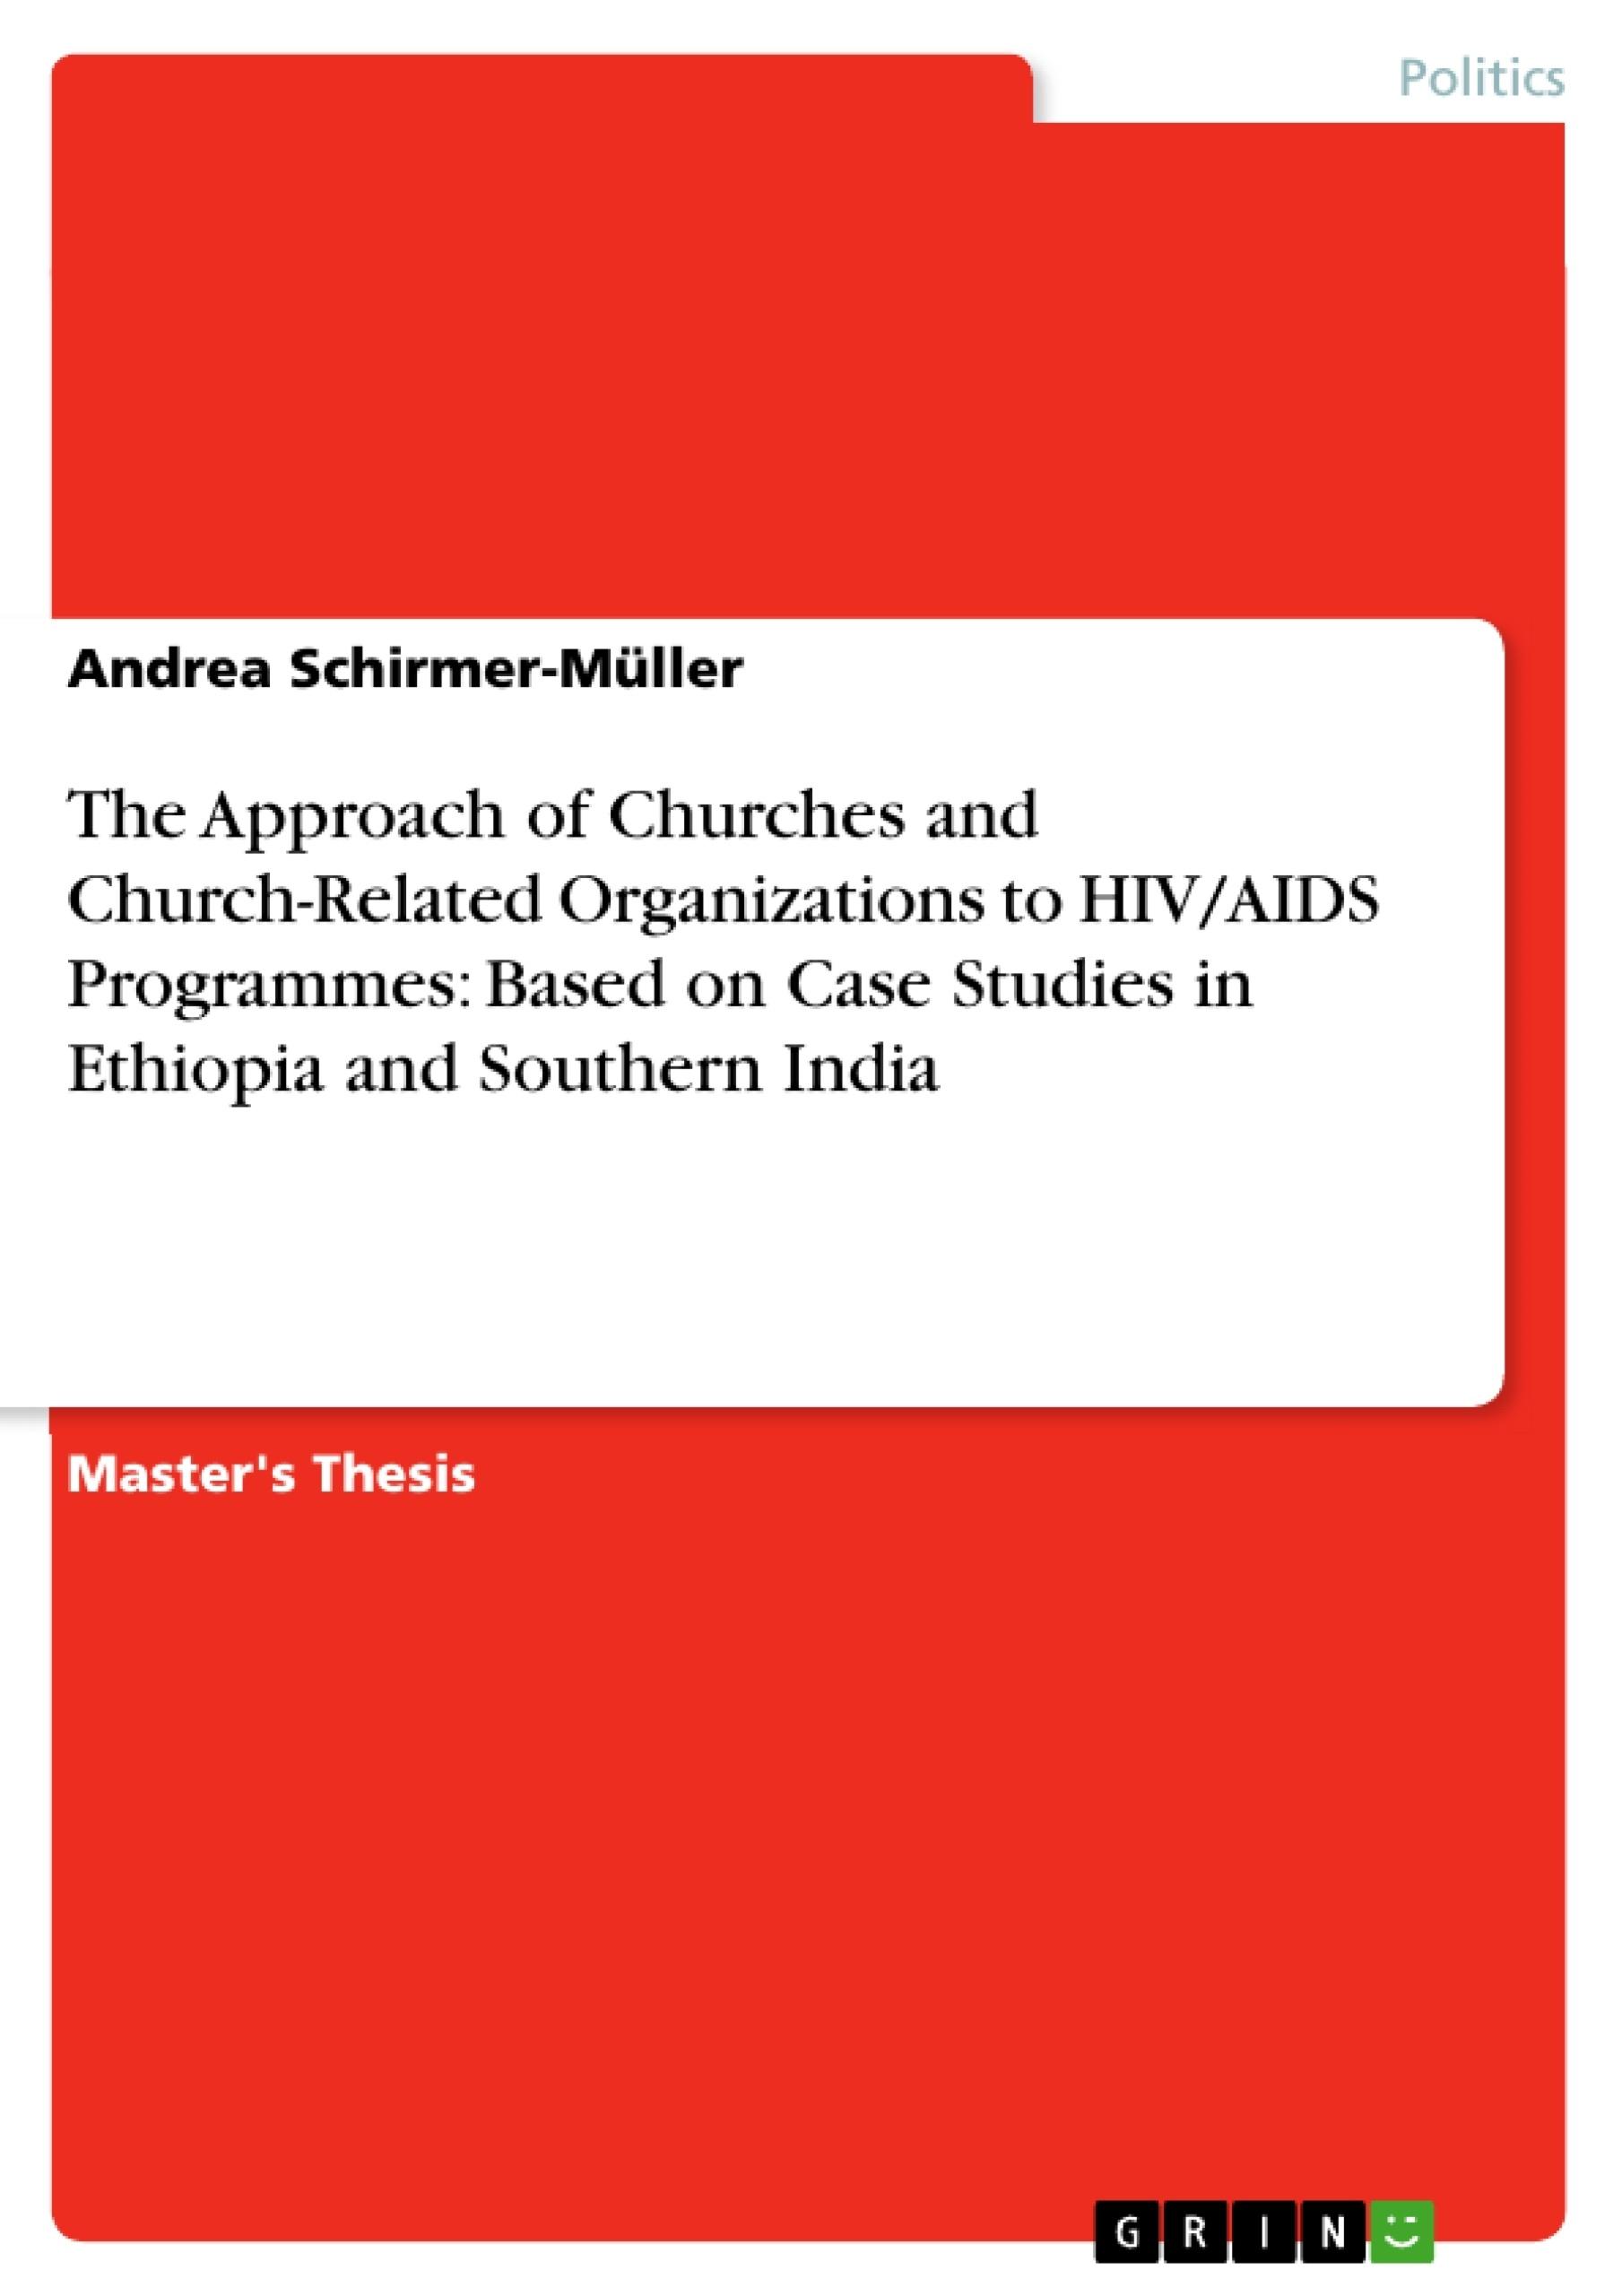 Hausarbeit aids bachelorarbeit kostenlos lesen